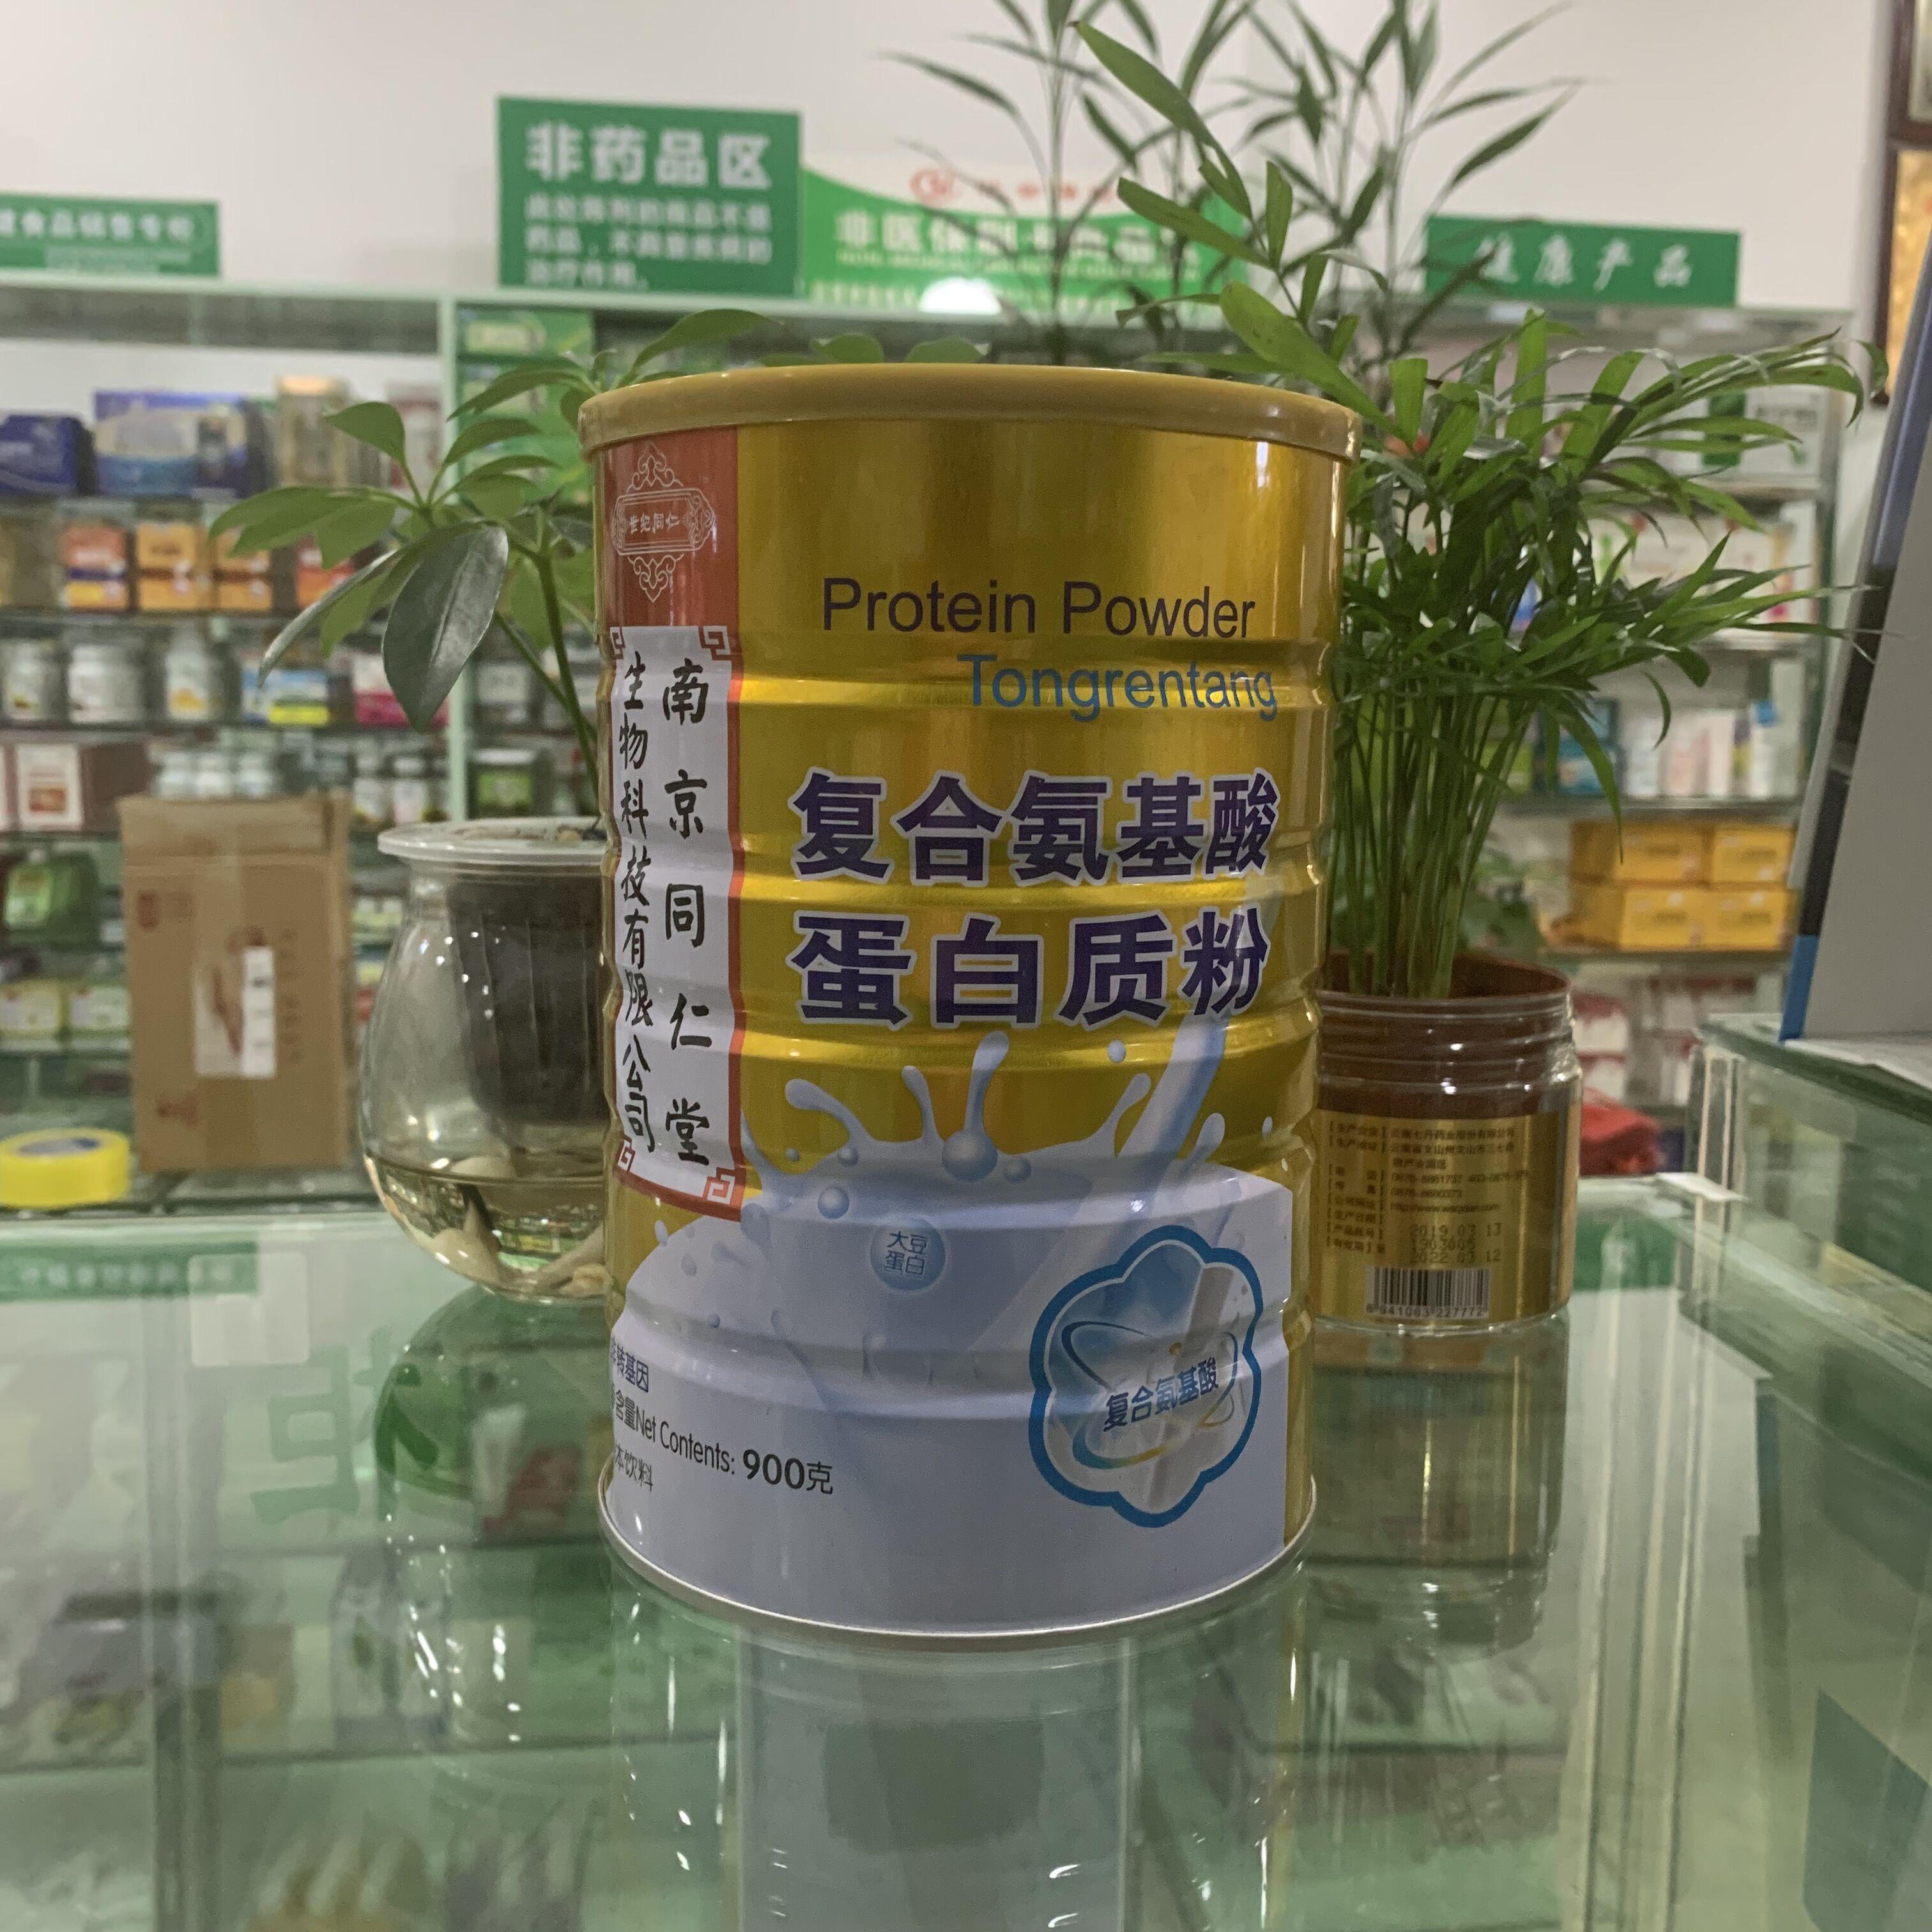 【买1送1同款】正品南京同仁堂复合氨基酸蛋白质粉900克/罐药房售